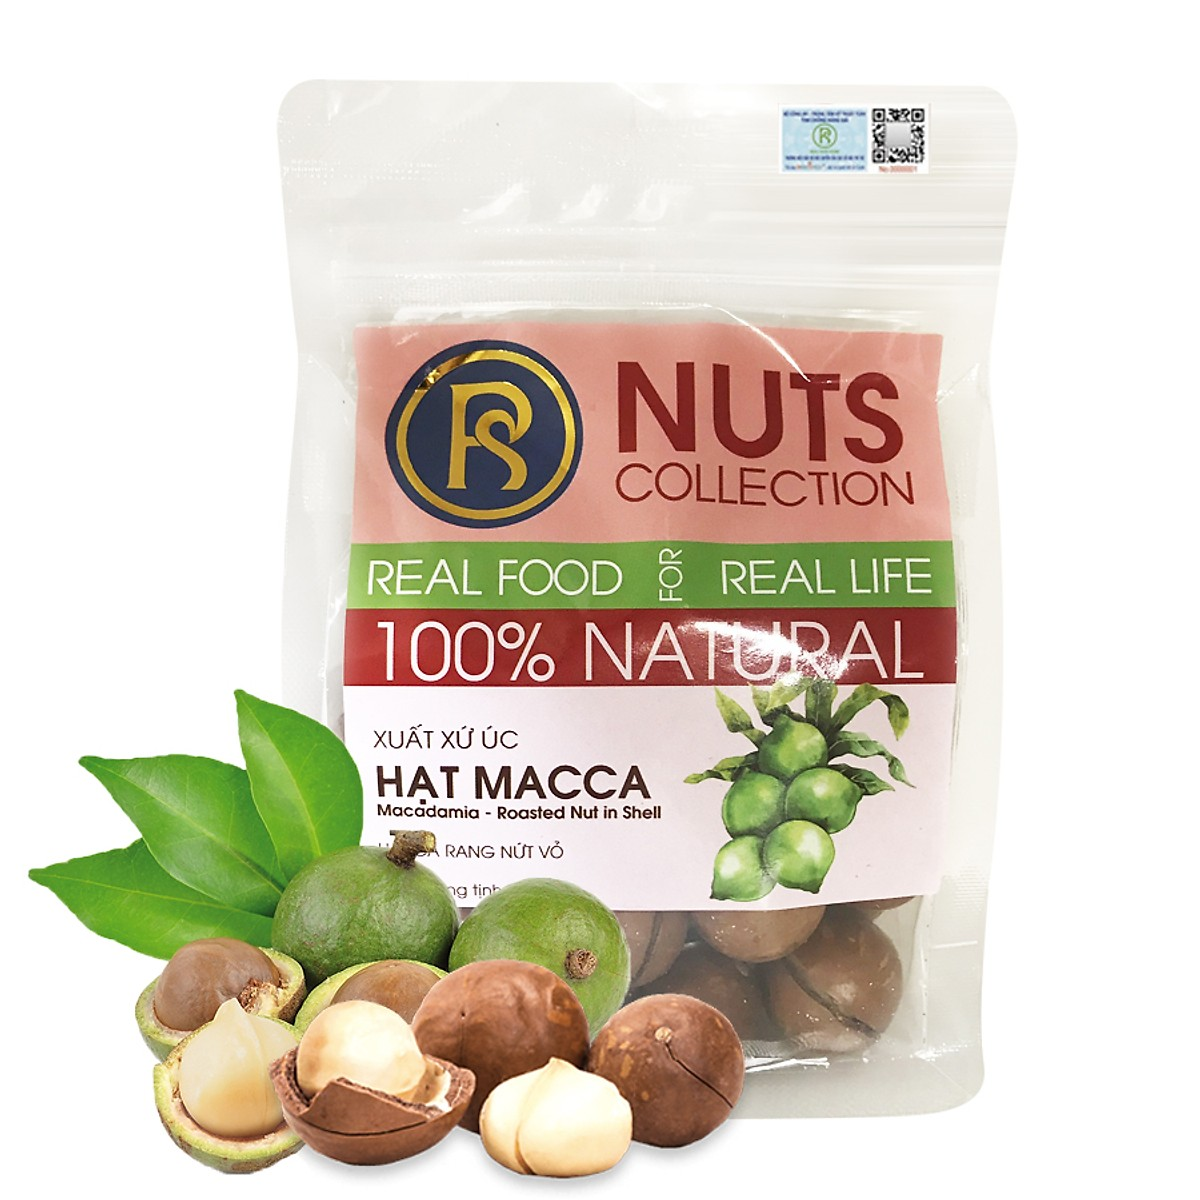 Túi Hạt Macca Dinh Dưỡng cho Mẹ - Real Food Store ( Nhiều lựa chọn )